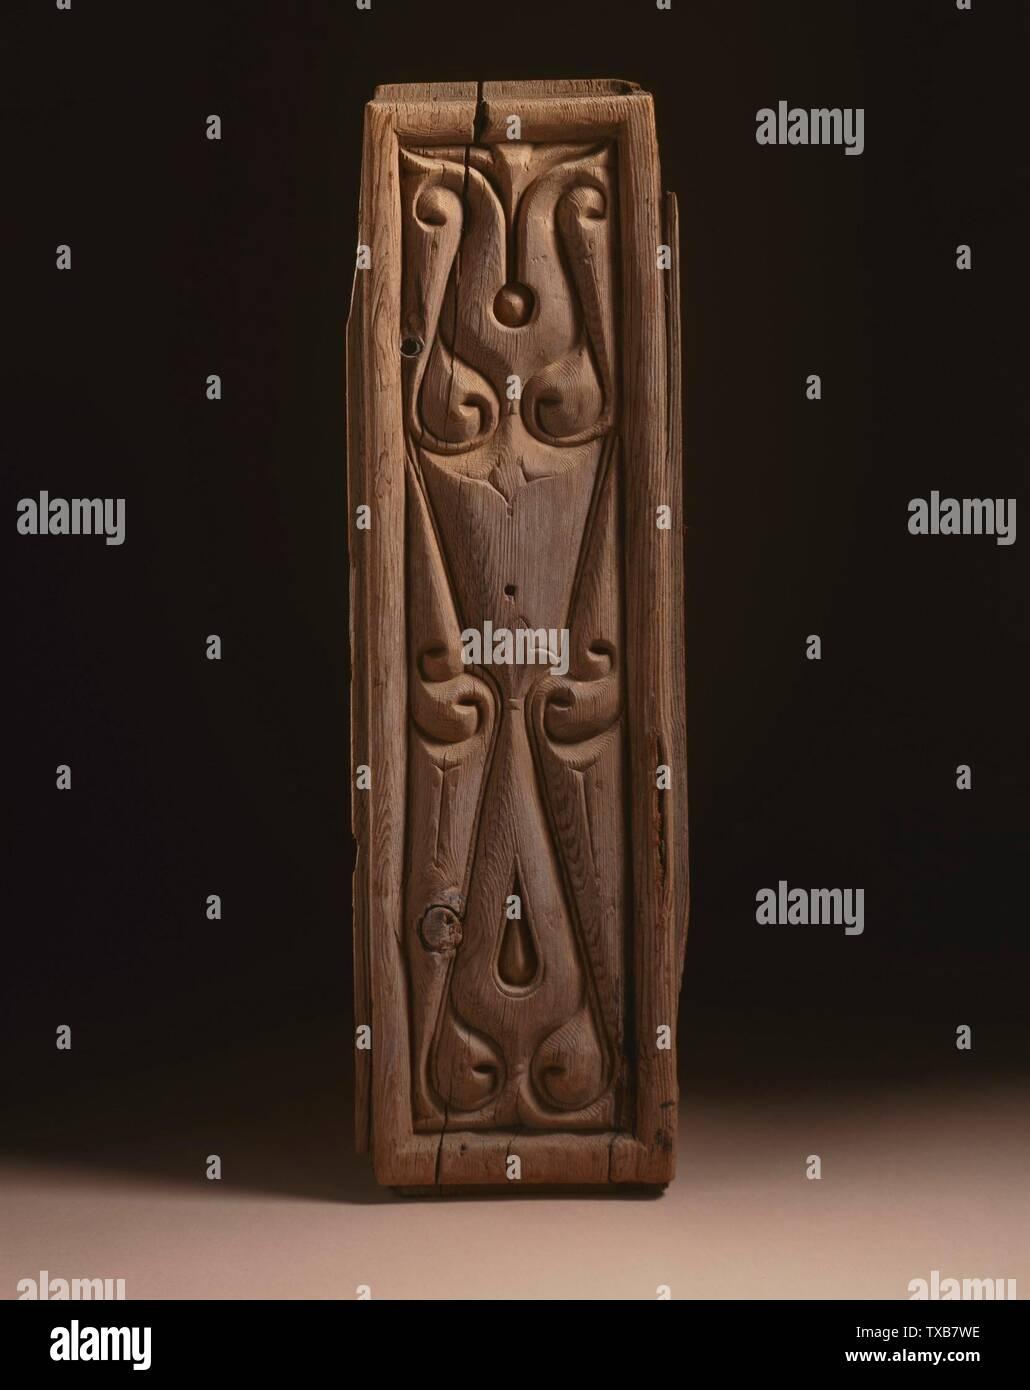 'Panel avec abstract décoration (image 1 de 2); Anglais: Égypte, 9e siècle l'architecture; les éléments architecturaux en bois, sculpté le Nasli M. Heeramaneck, Don de Joan Palevsky (M.73.5.405) L'Art Islamique en ce moment sur la vue du public: Ahmanson bâtiment, étage 4, 9e siècle date QS:P571,+850-00-00T00:00:00Z/7; ' Photo Stock